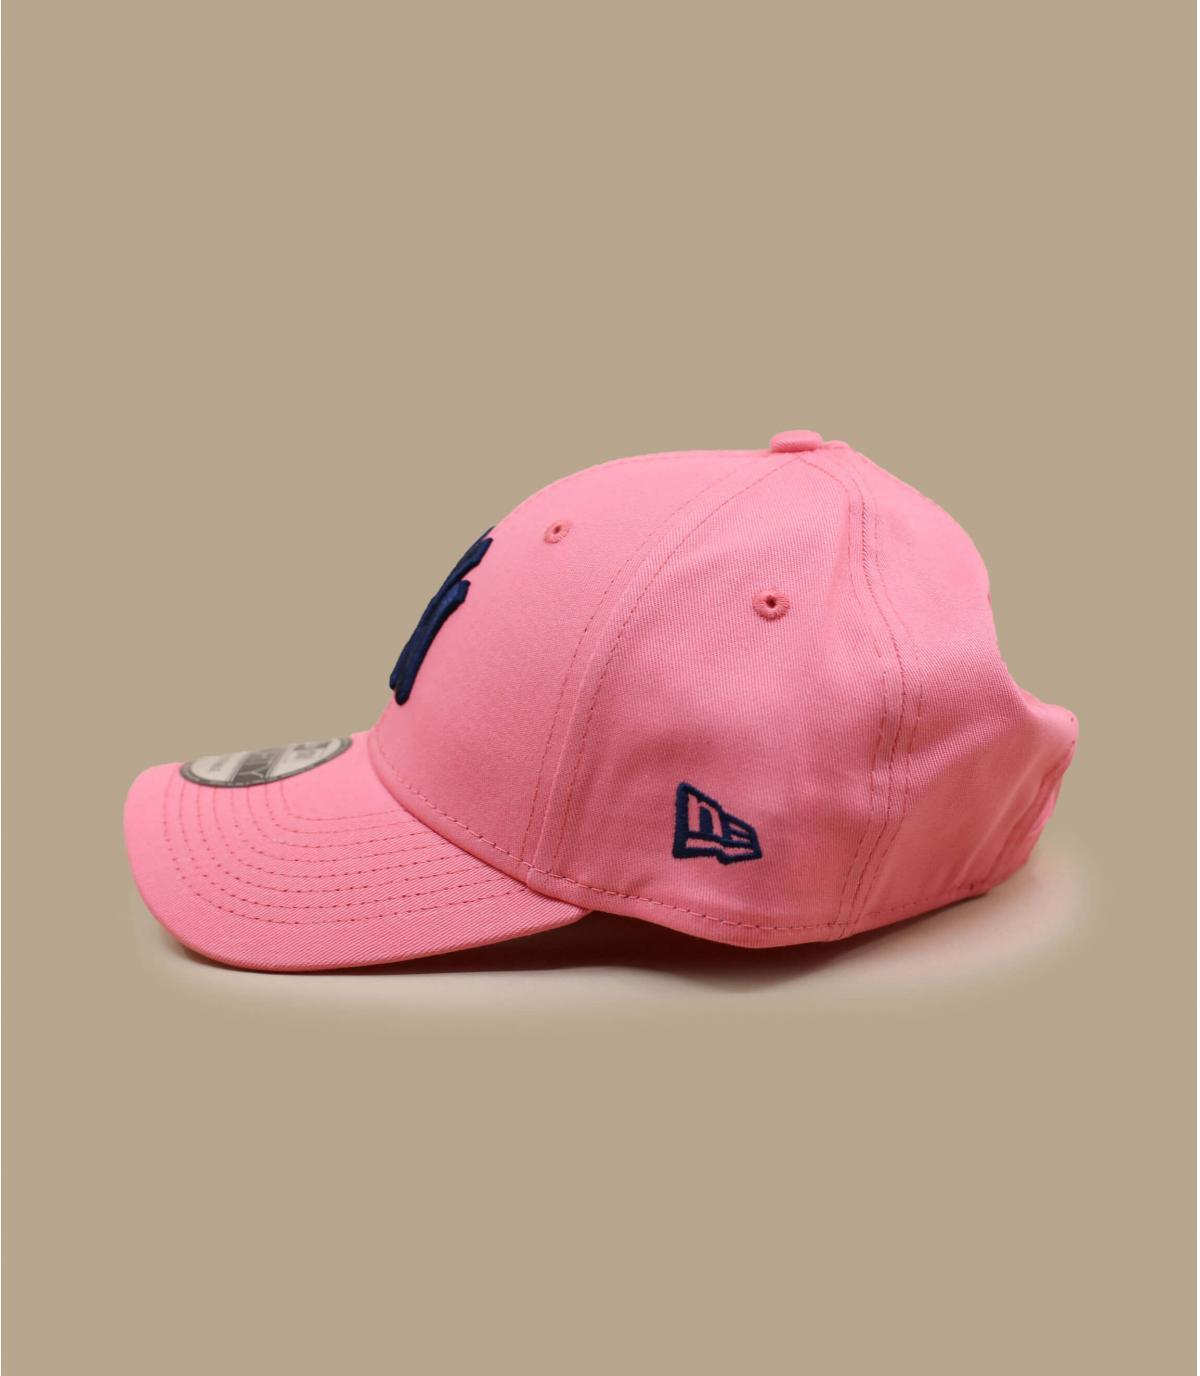 Détails Casquette League Ess NY 940 pink lift navy - image 2